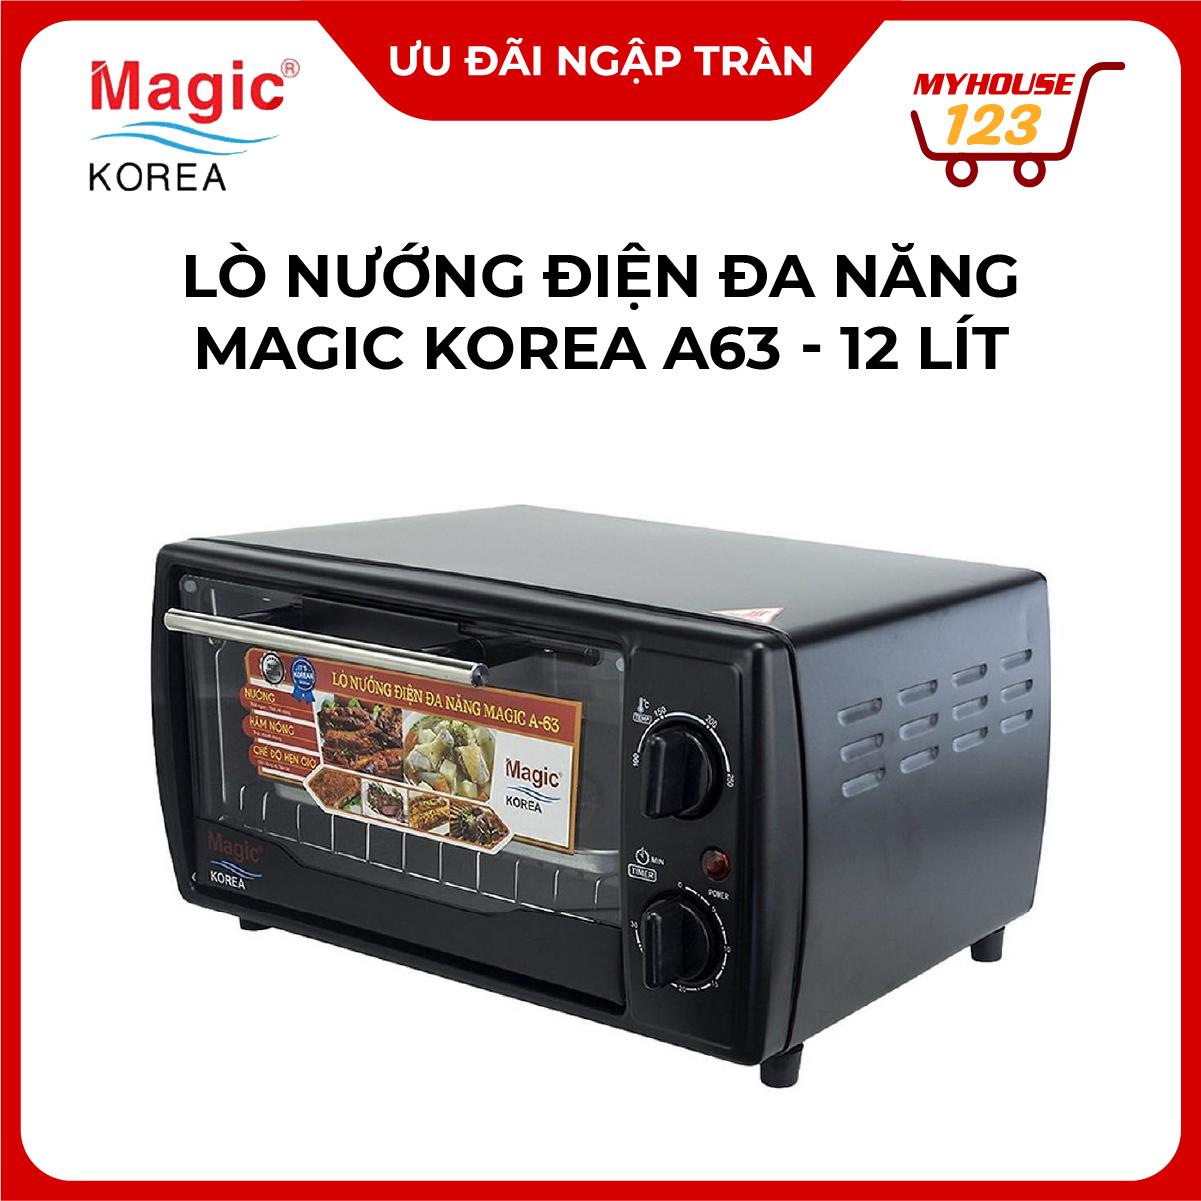 Lò Nướng Điện Đa Năng Magic Korea A63 (Dung Tích 12 lít) Rã Đông, Hâm Nóng Đồ Ăn. Hàng Chính Hãng. Bảo Hành 12 Tháng